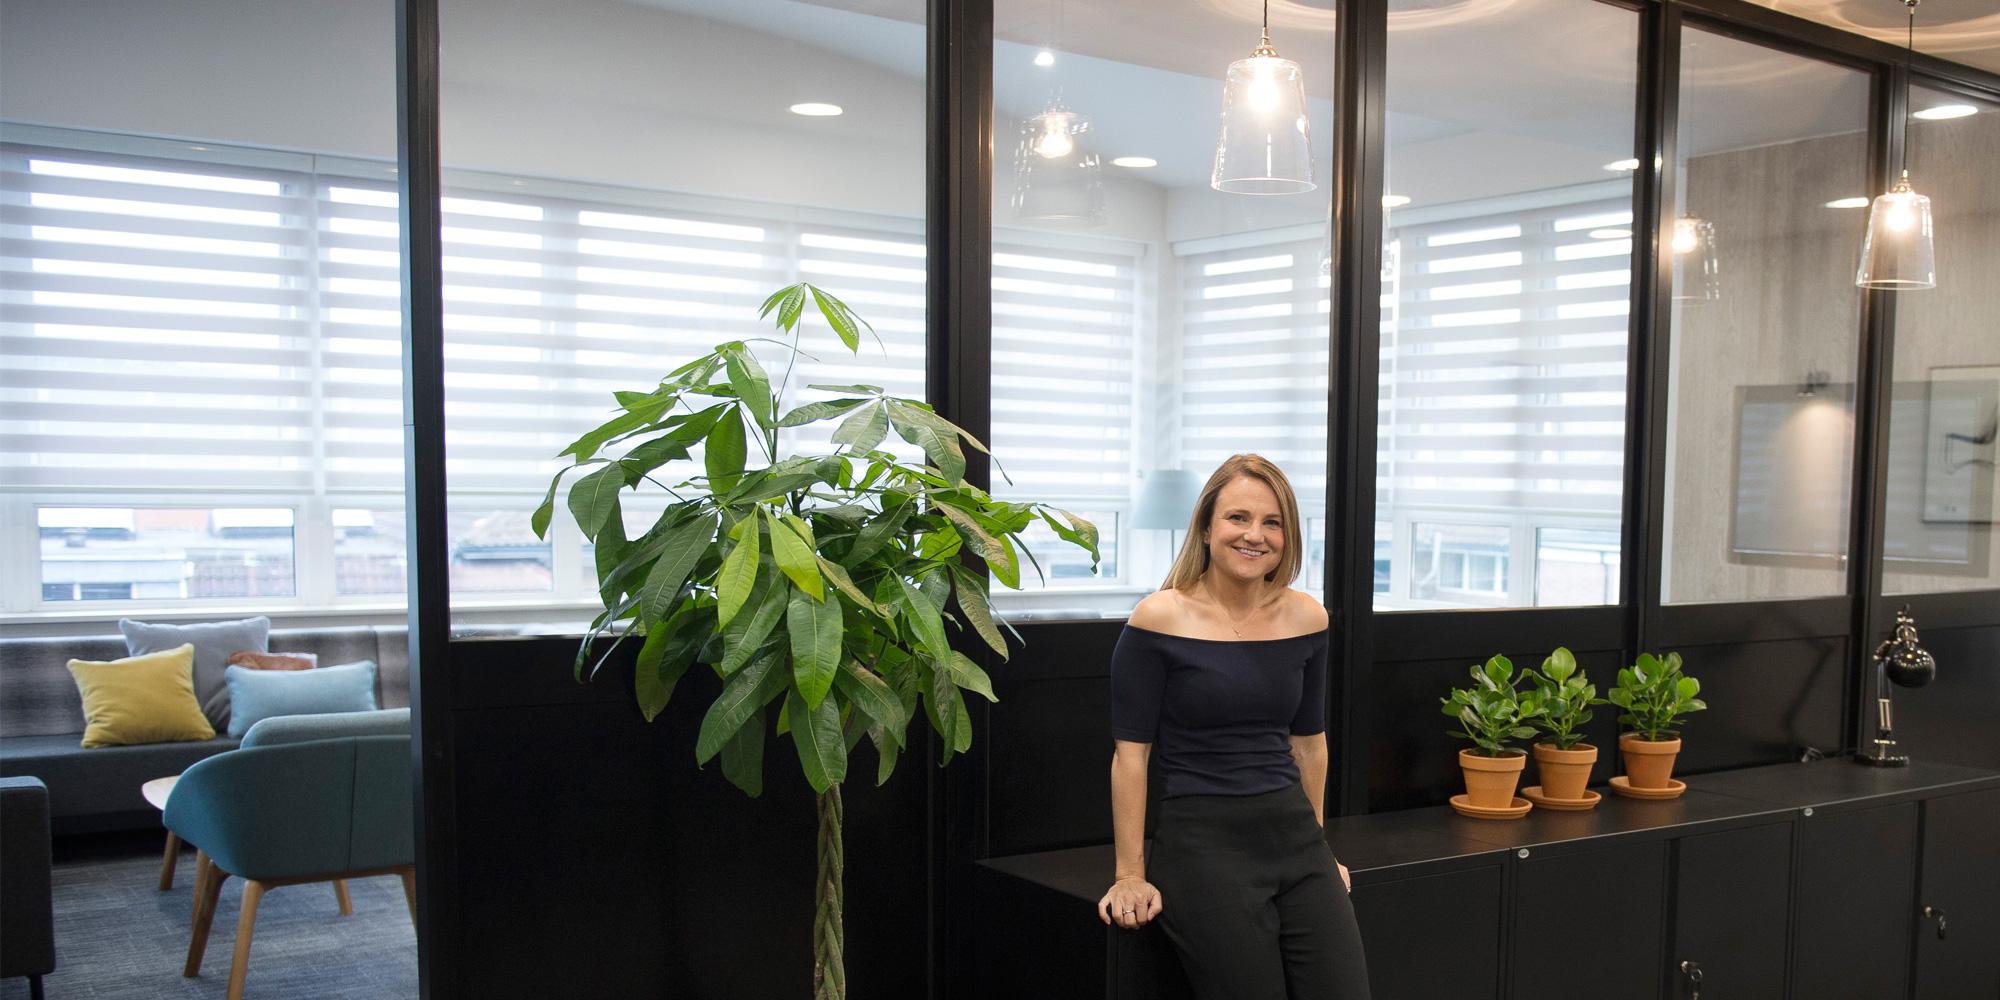 nikki-rees-interior-designer-wimbledon-london